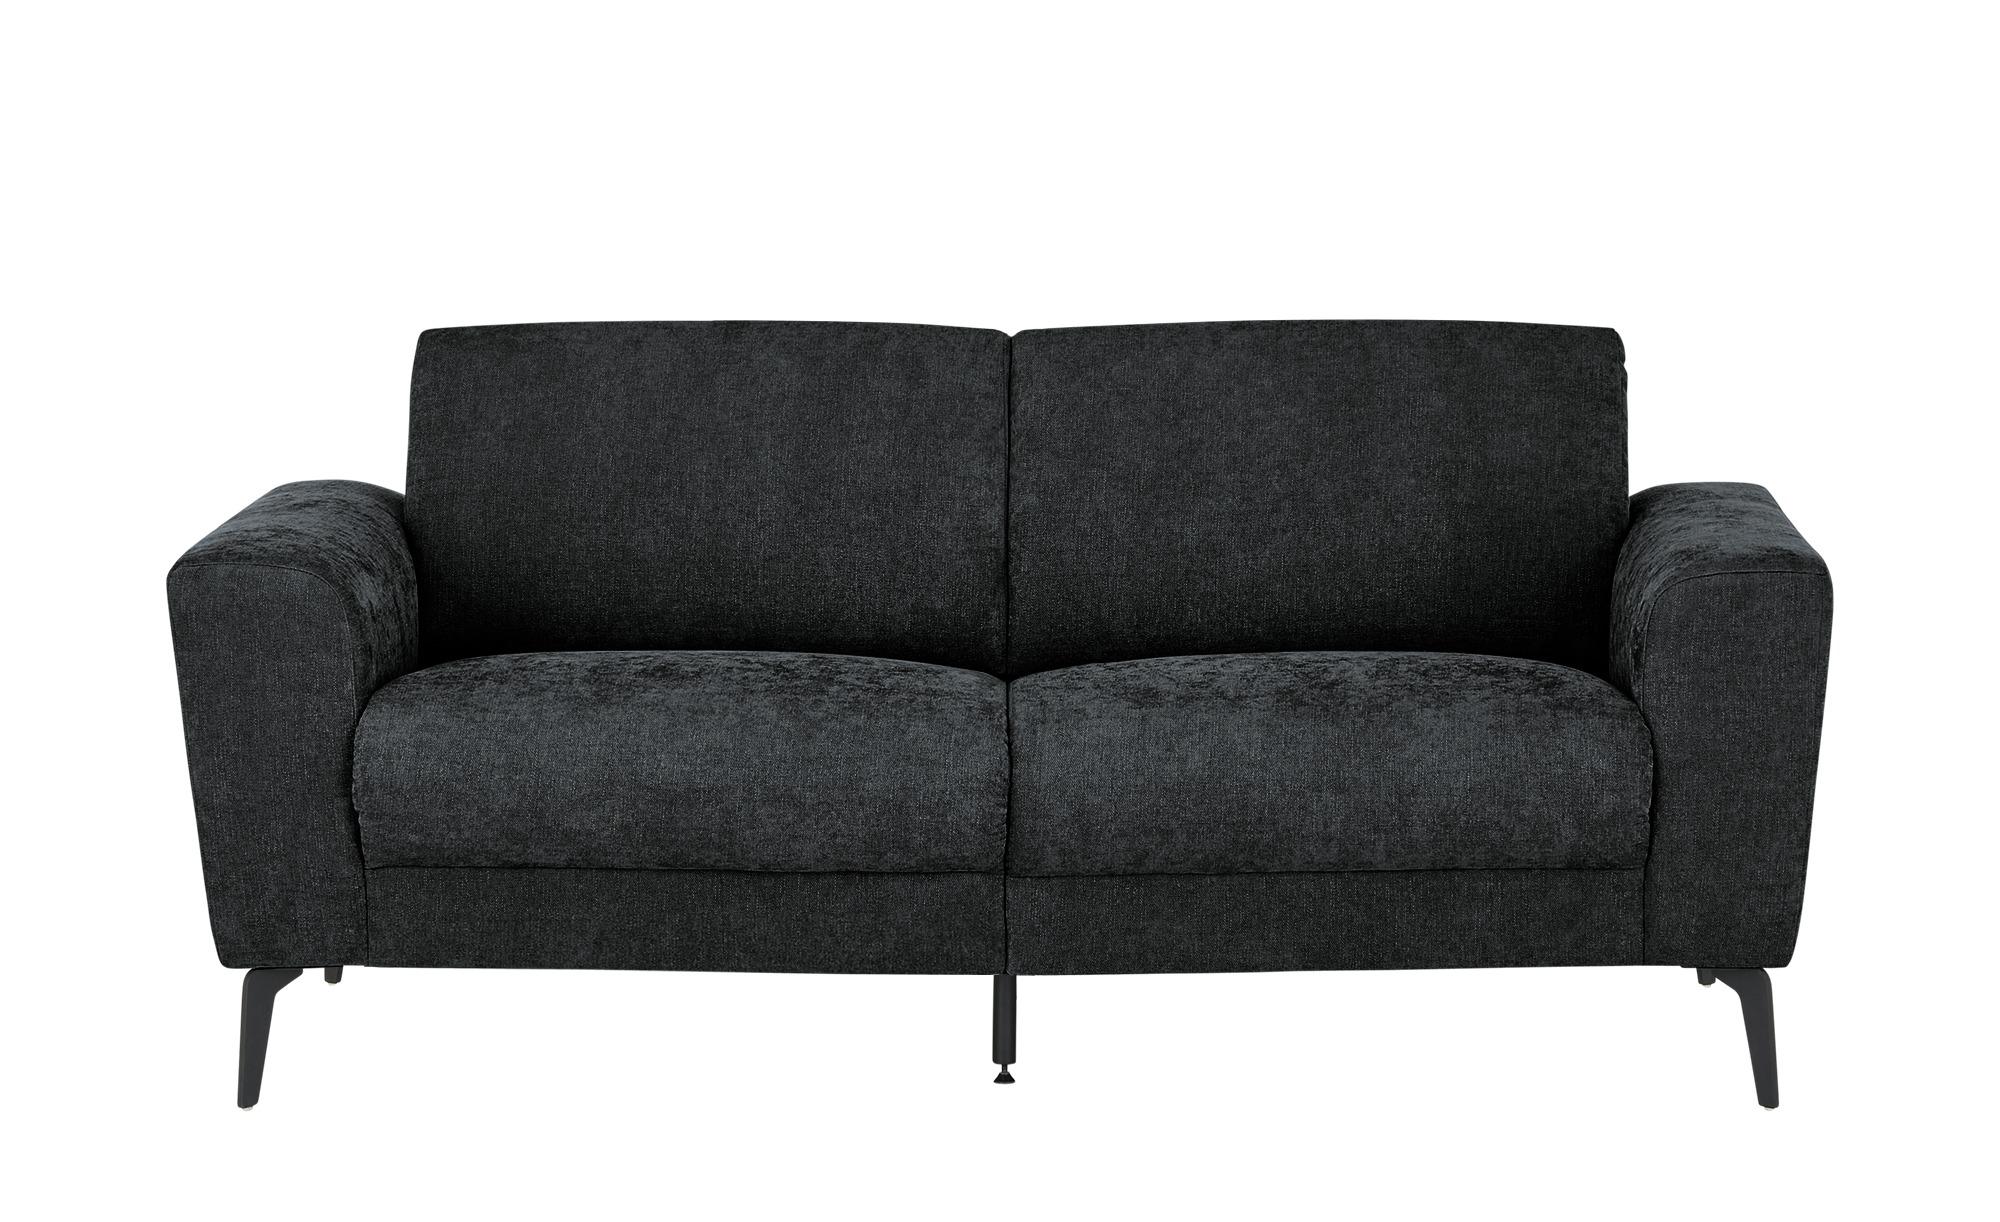 Sofa   Billund ¦ grau ¦ Maße (cm): B: 180 H: 90 T: 90 Polstermöbel > Sofas > Einzelsofas - Höffner